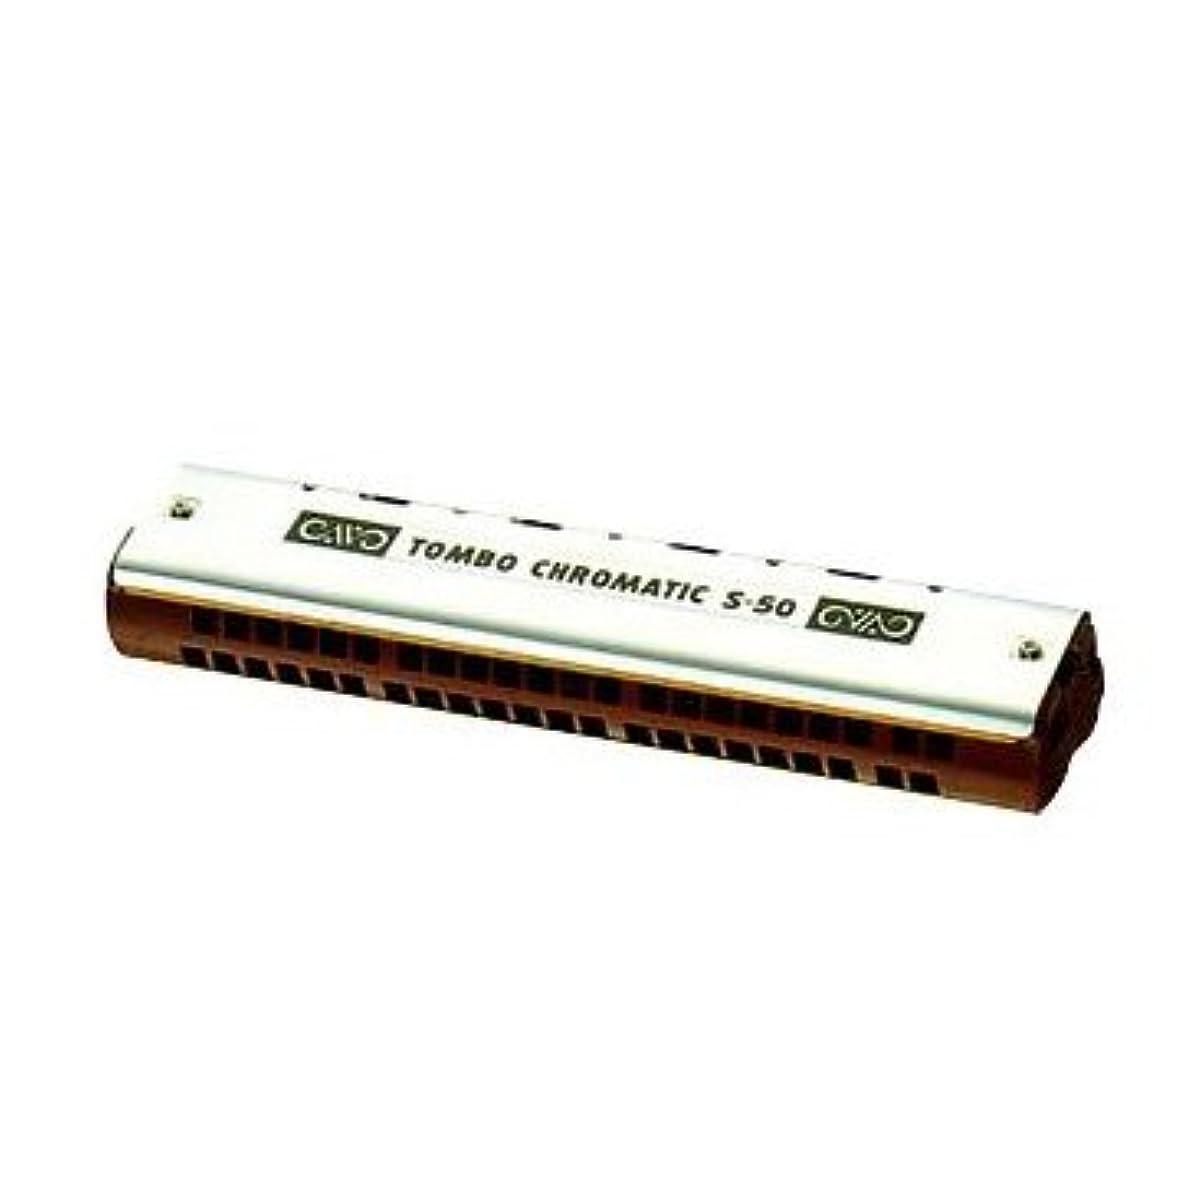 TOMBO 잠자리 하모니카 교육용 싱글 하모니카 S-50잠자리・크로메틱・싱글-